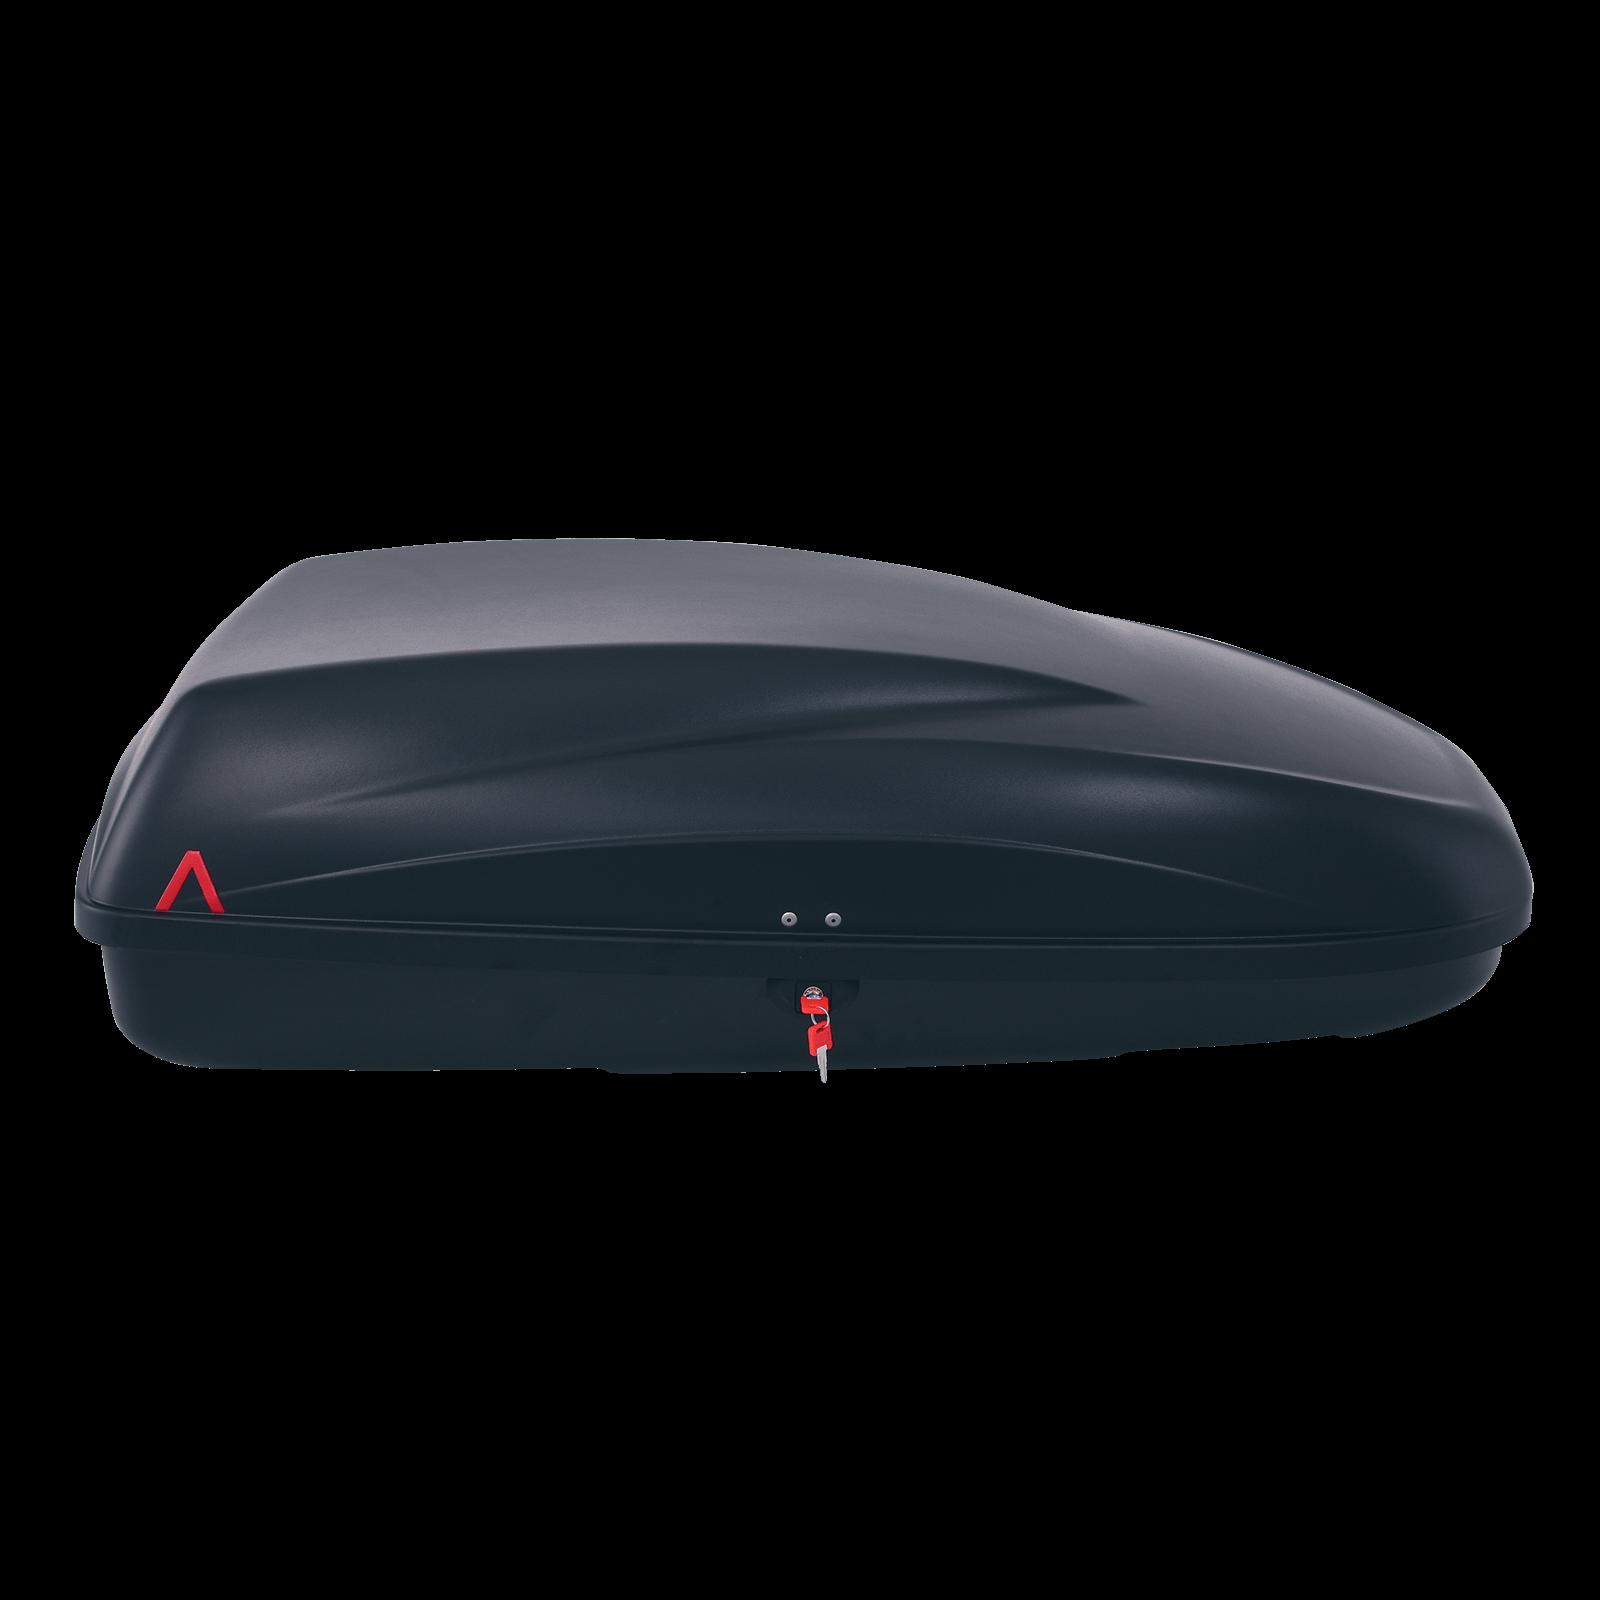 Dachbox G3 Krono 320 schwarz matt - Bild 4